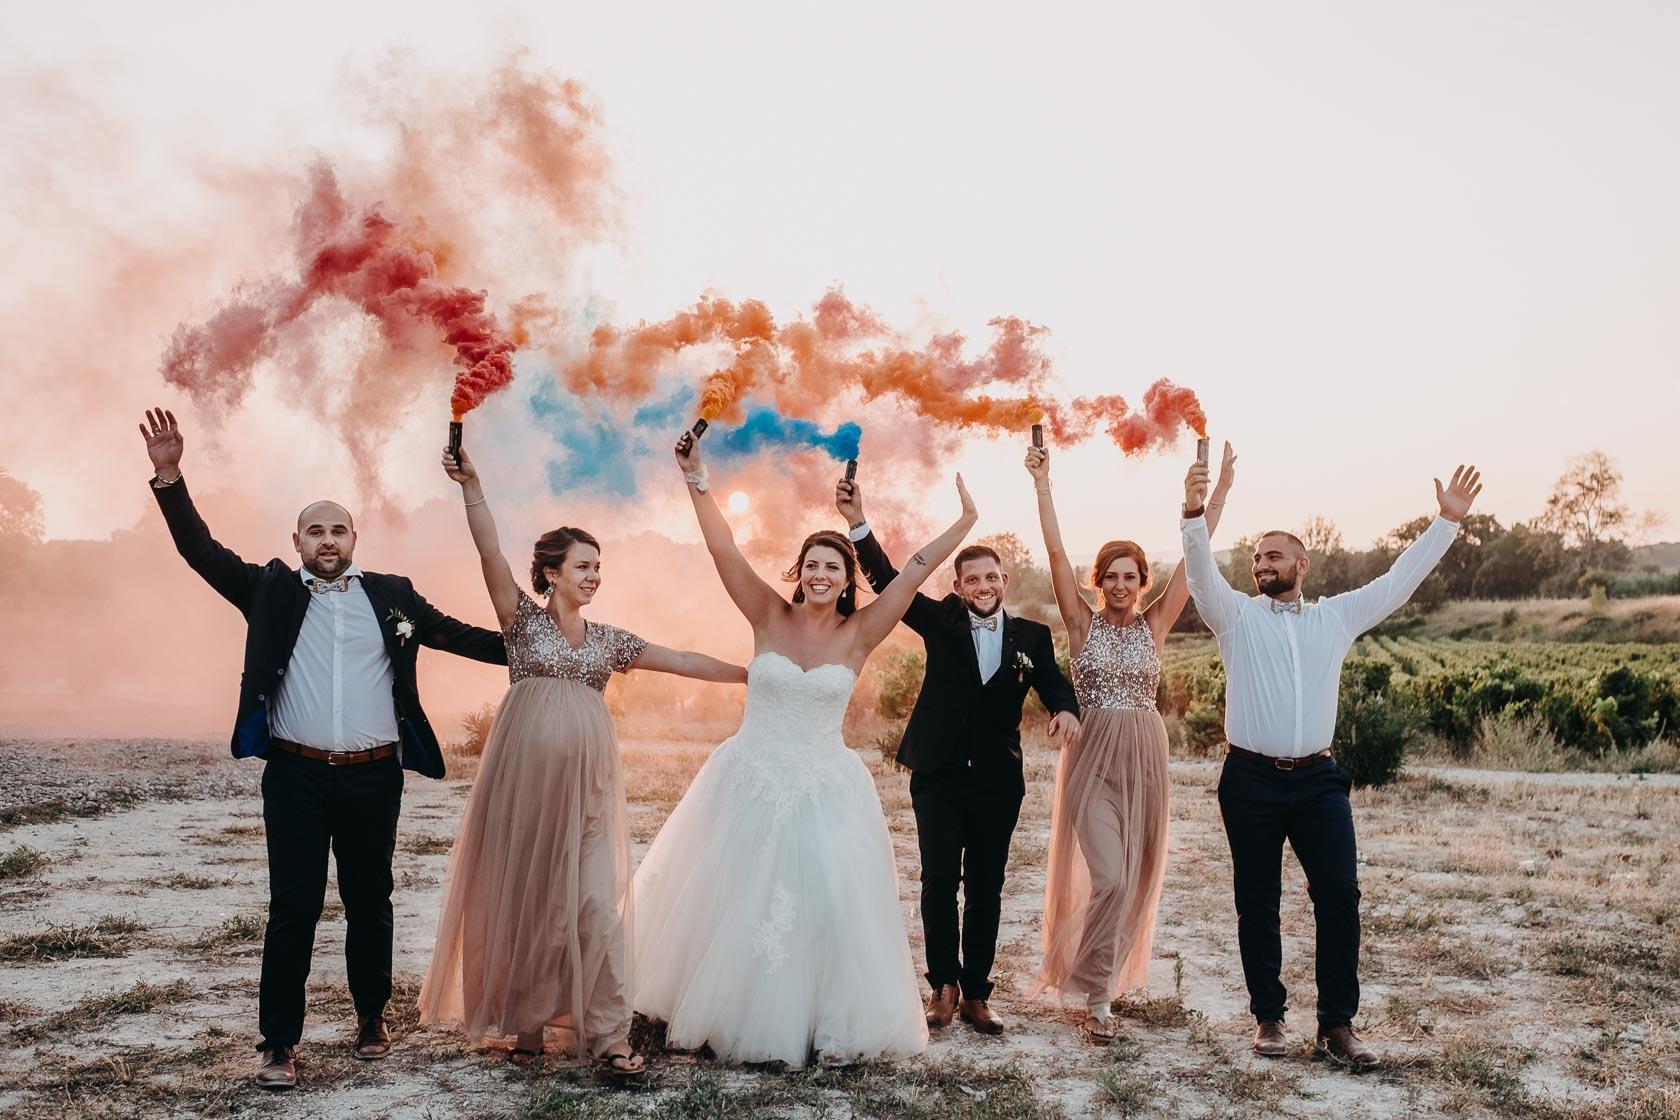 photographe-mariage-fumigene-domaine-de-l-ale-capestang-studio-lm-beziers-2536.jpg